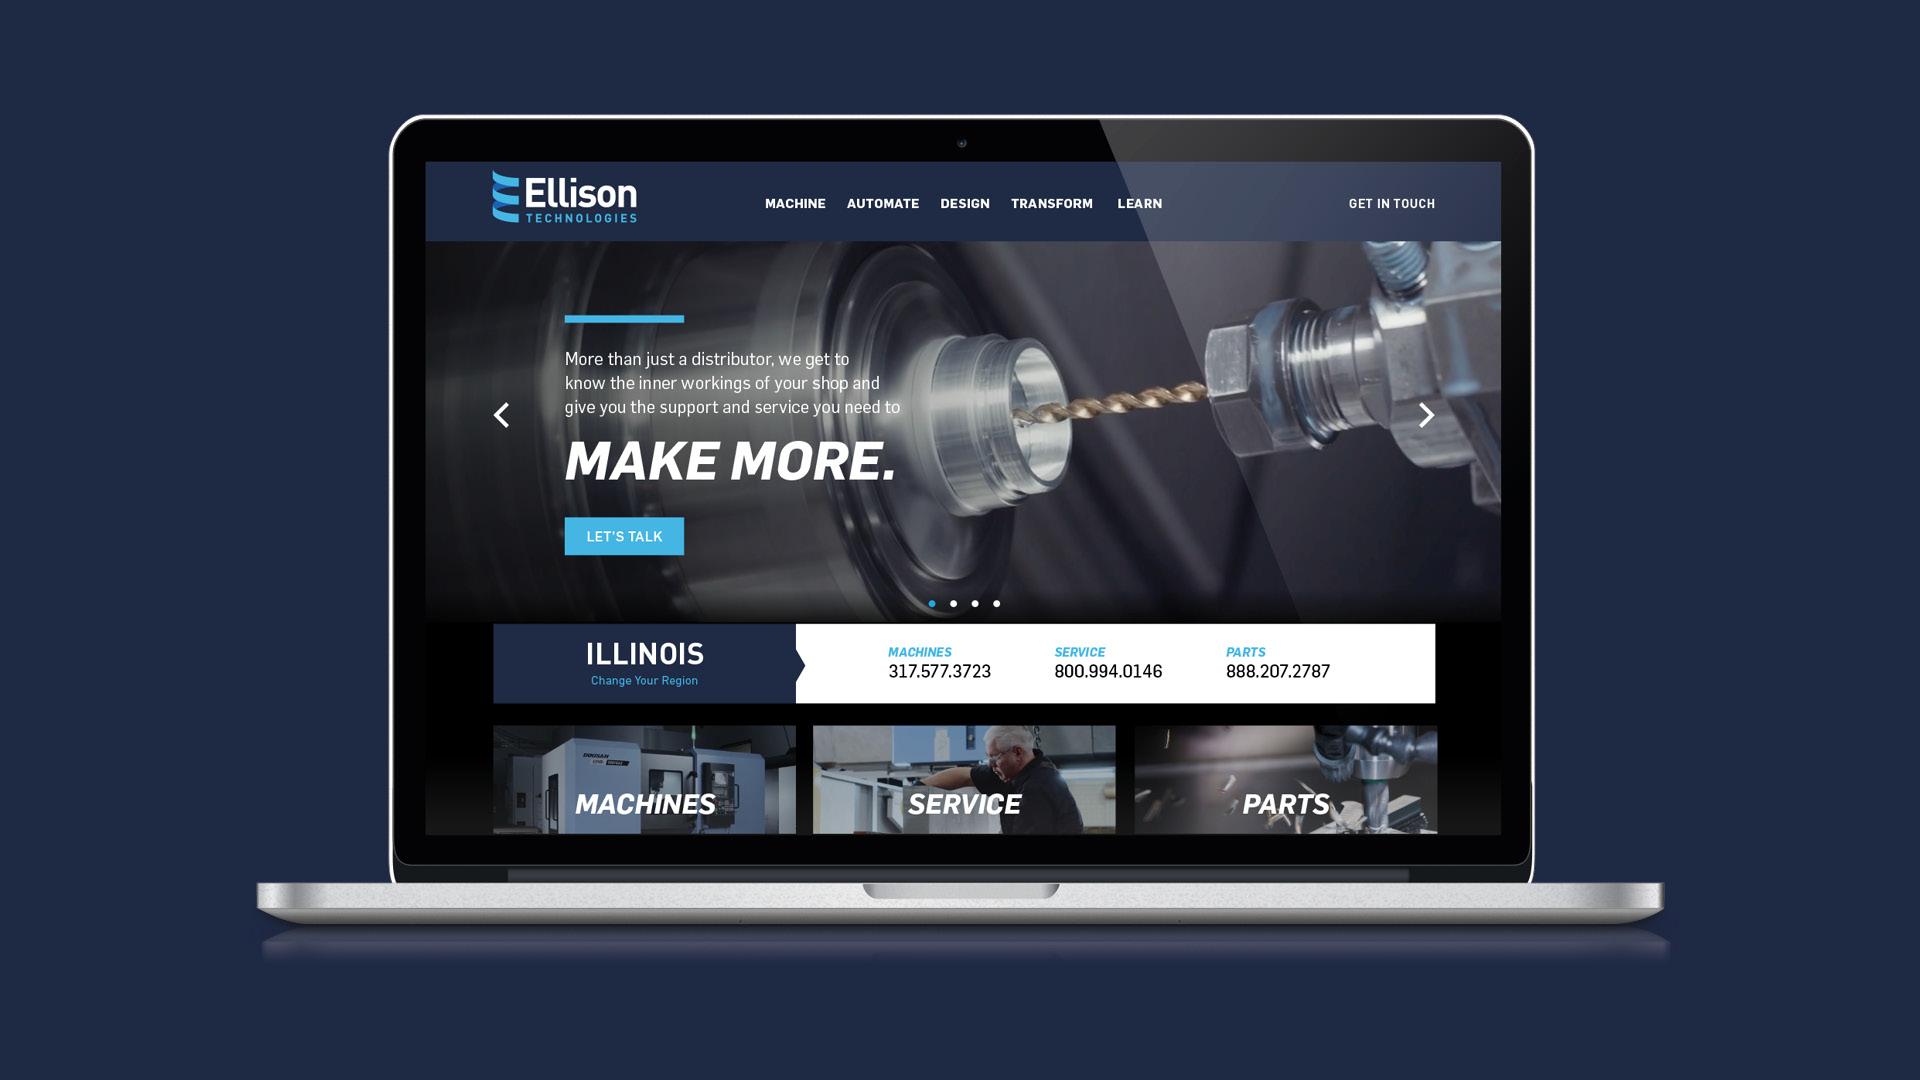 Ellison-website-1.jpg